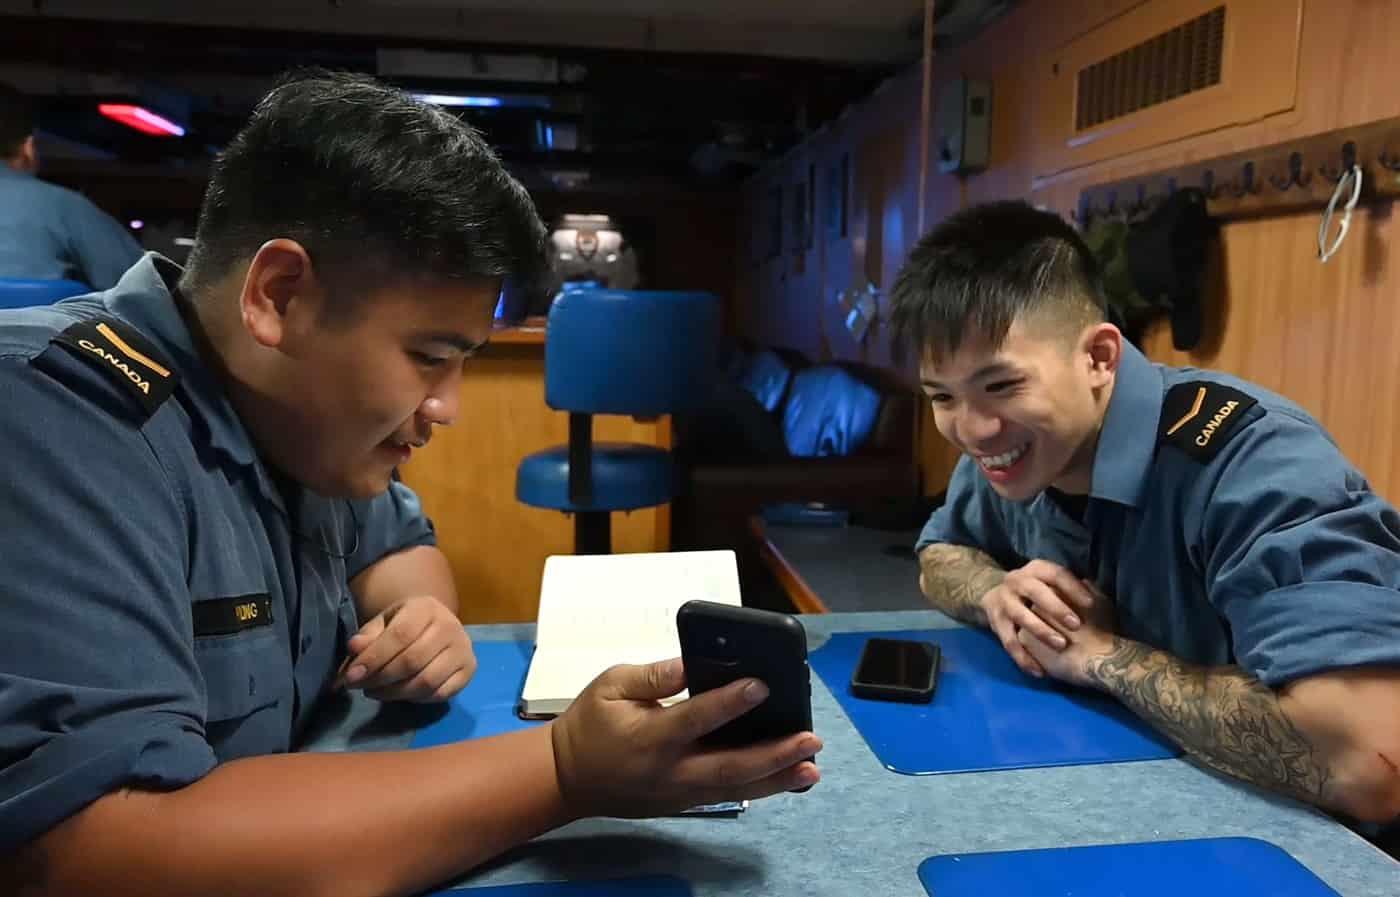 Tàu chiến Canada tới Cam Ranh: Hạ sĩ gốc Việt mê học tiếng, kể kỷ niệm khó quên - 1